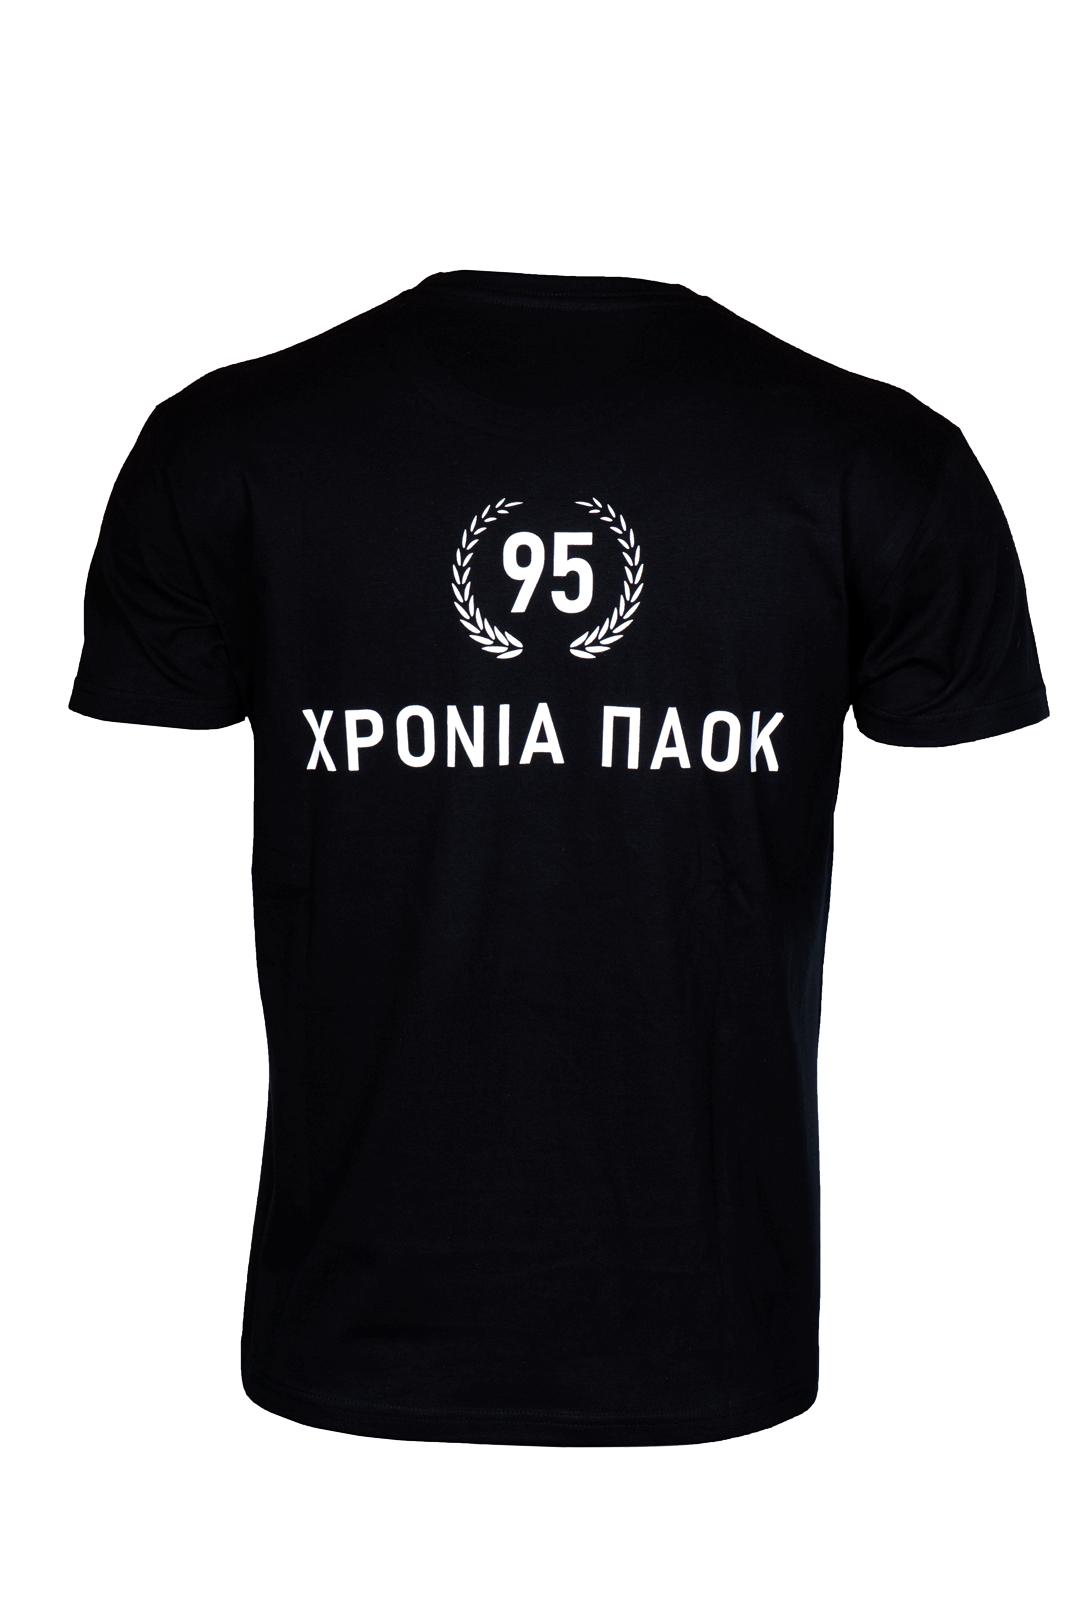 T-shirt ΠΑΟΚ 95 Χρόνια 011439